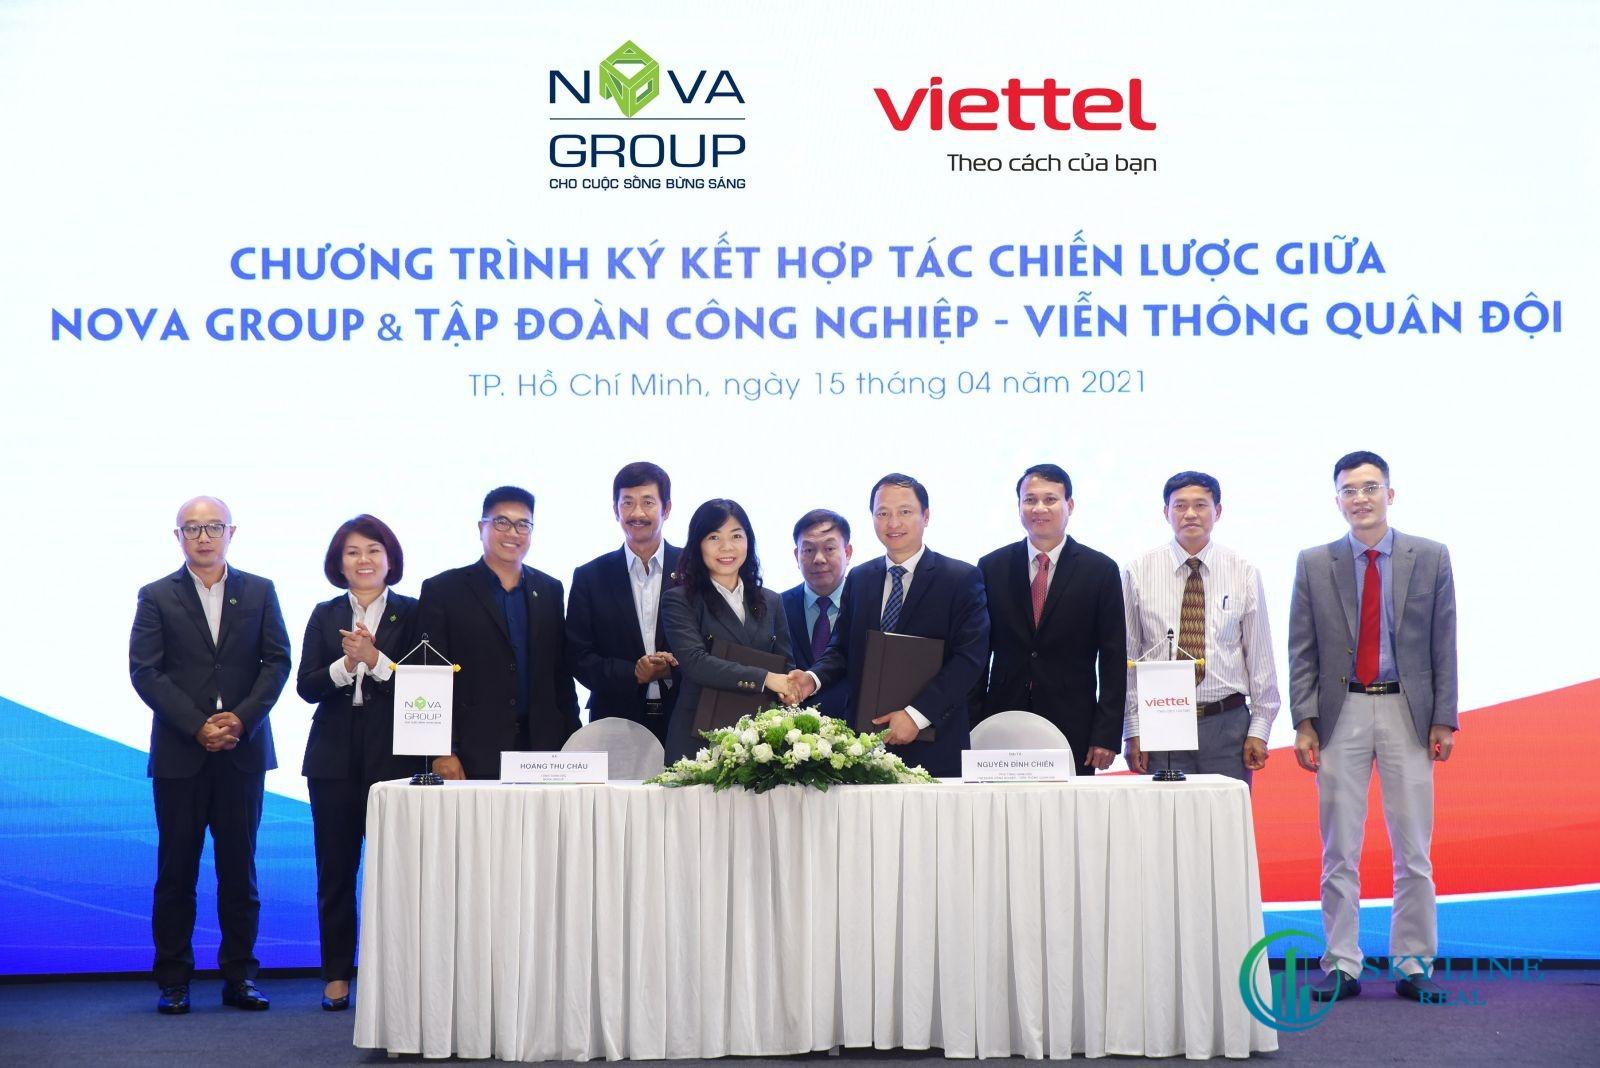 NovaGroup và Viettel ký kết hợp tác chiến lược trong nhiều lĩnh vực, trong đó bao gồm việc thúc đẩy triển khai giải pháp đô thị thông minh tại Aqua City.